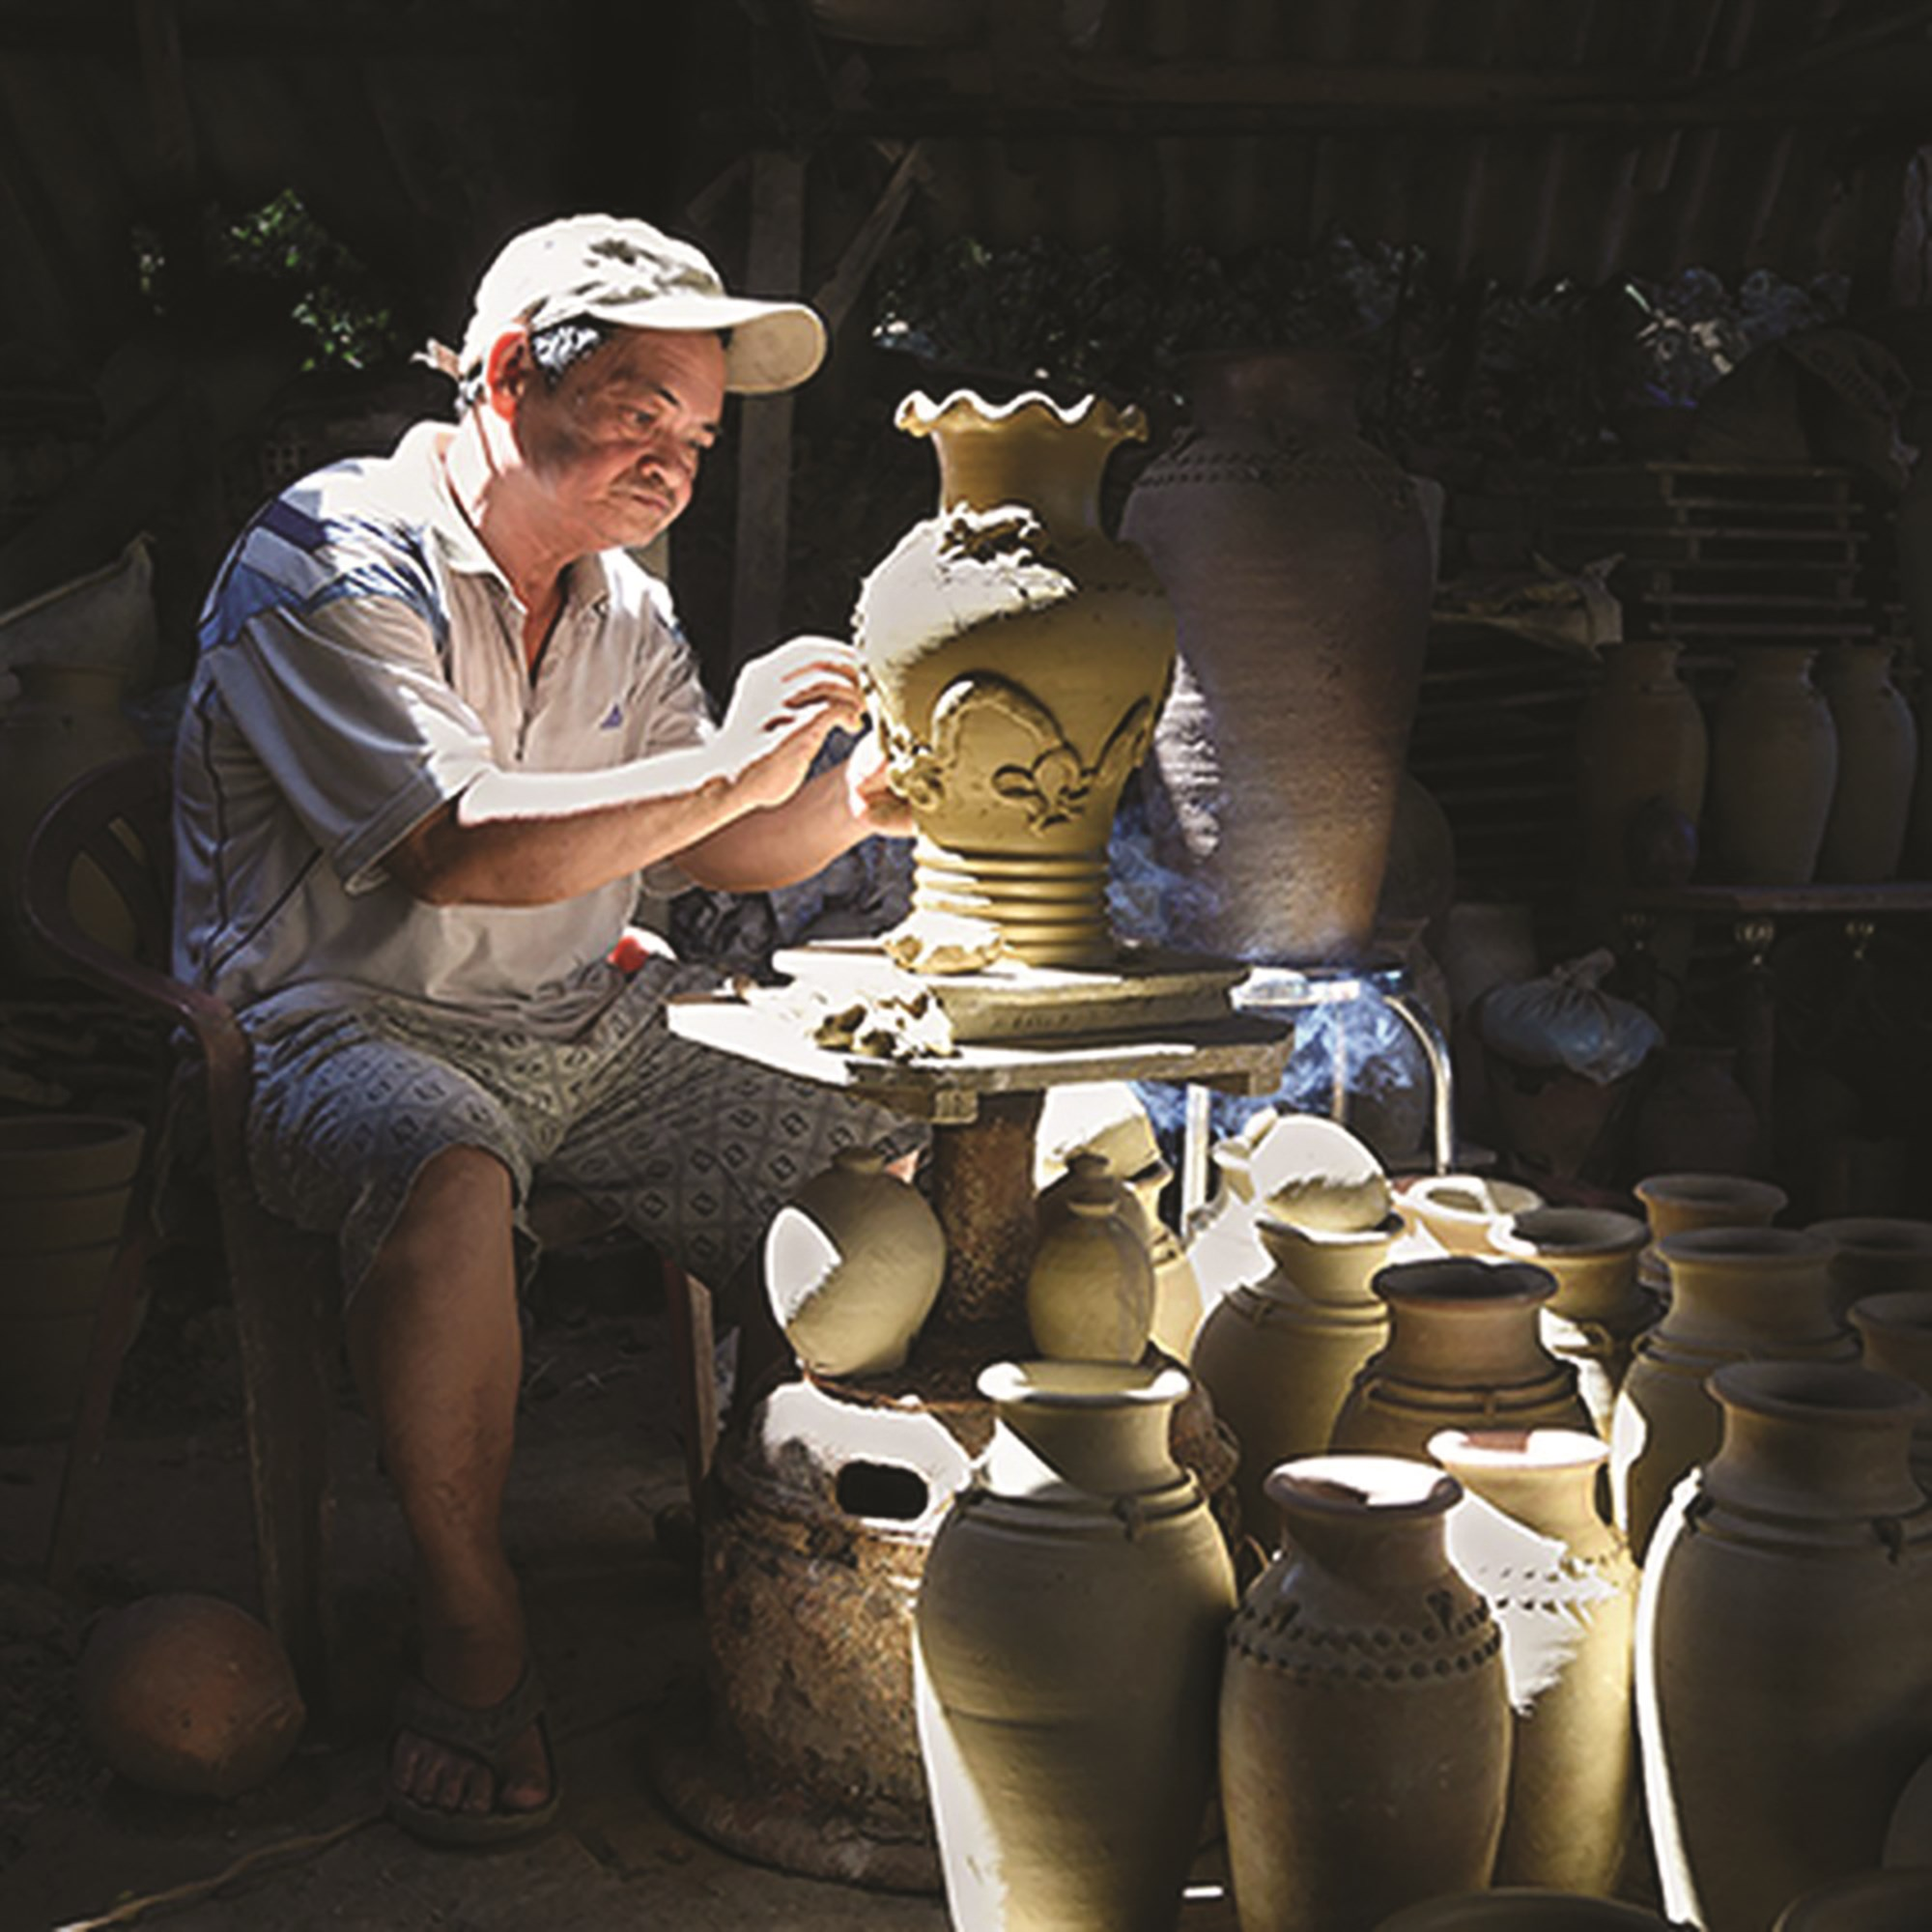 Qua bàn tay tài hoa của nghệ nhân, các sản phẩm gốm Mỹ Thiện có sự tinh tế riêng biệt.